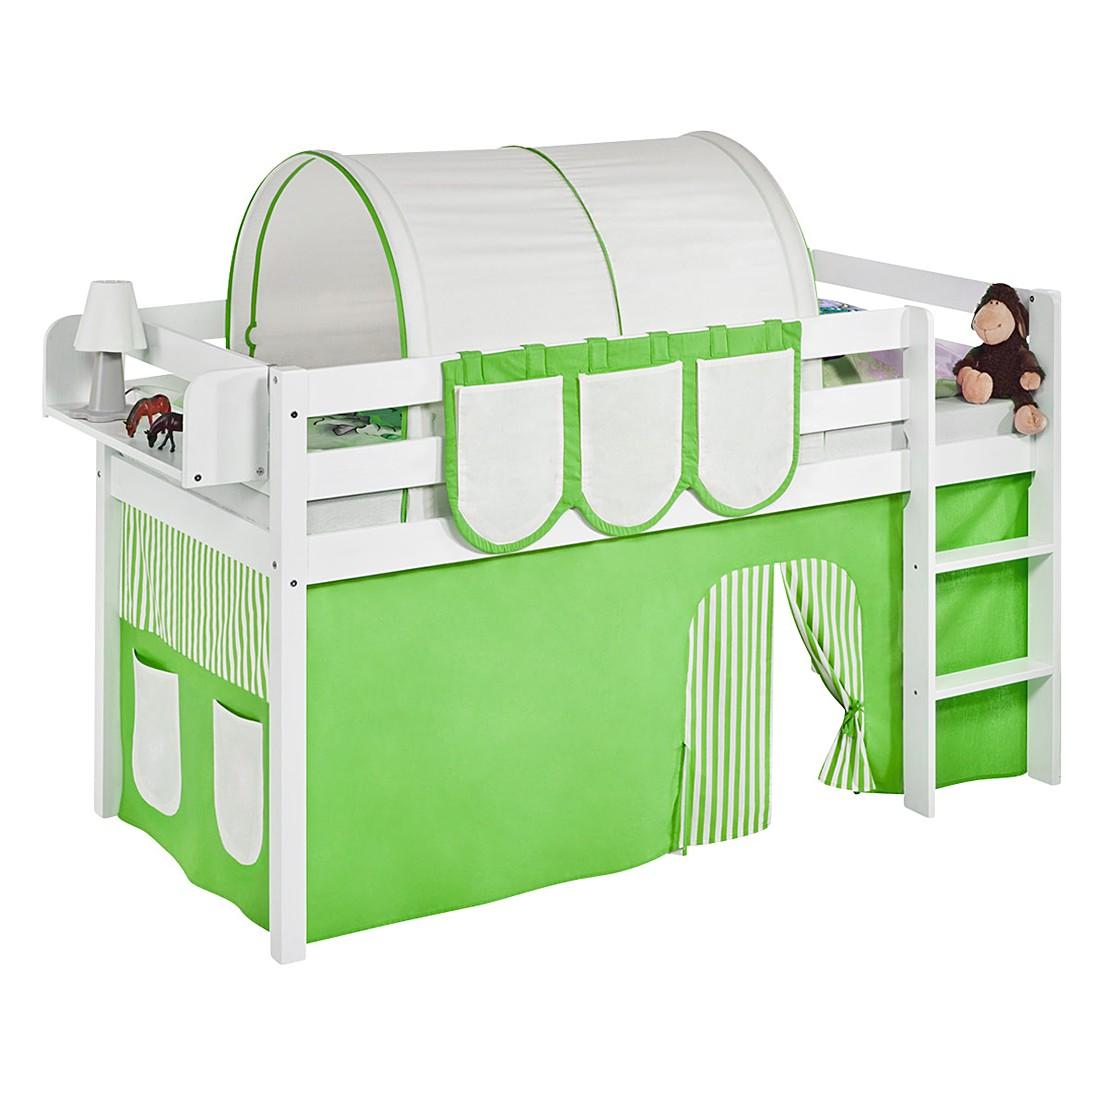 Spielbett JELLE Grün Beige – Hochbett LILOKIDS – mit Vorhang – weiß – 90 x 190 cm, Lilokids online kaufen